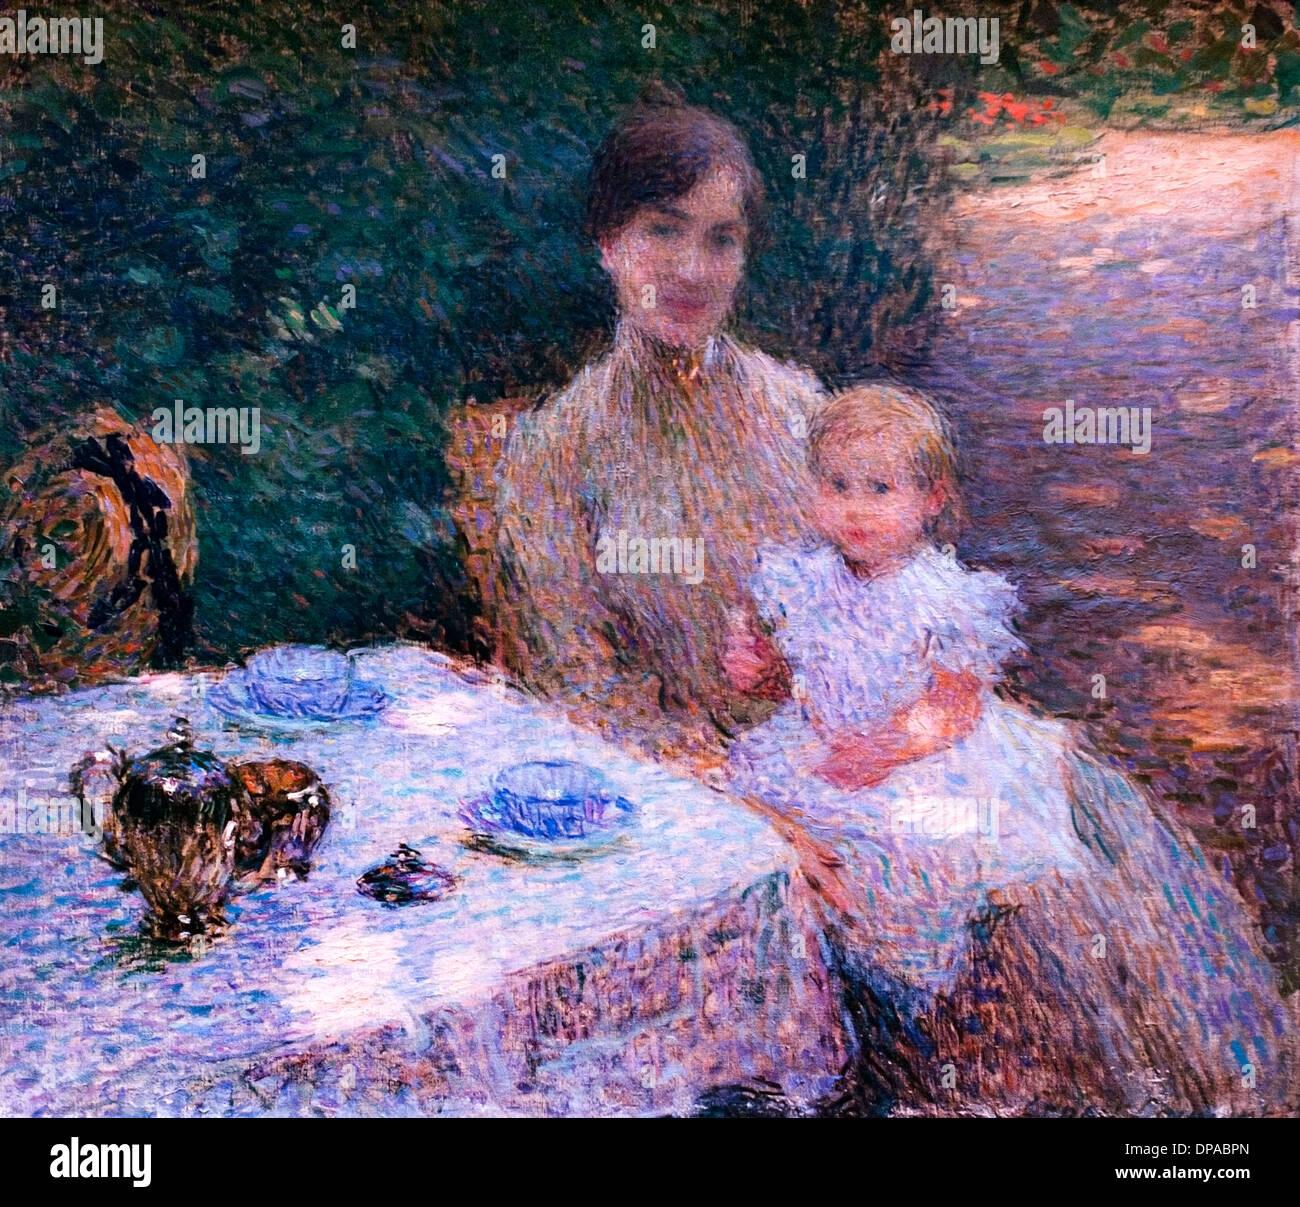 Le gouter dans le jardin - le goût dans le jardin 1904 Ernest Joseph Laurent 1859 - 1929 France Photo Stock